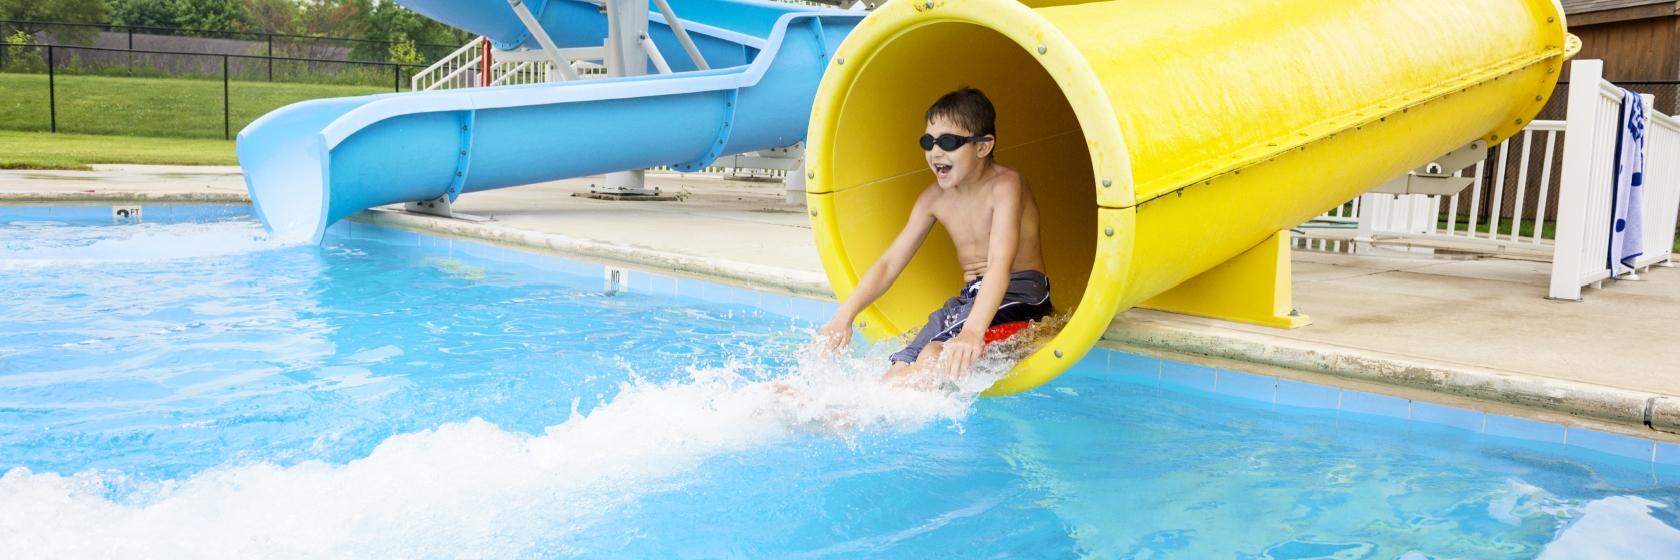 Camper sliding down a water slide